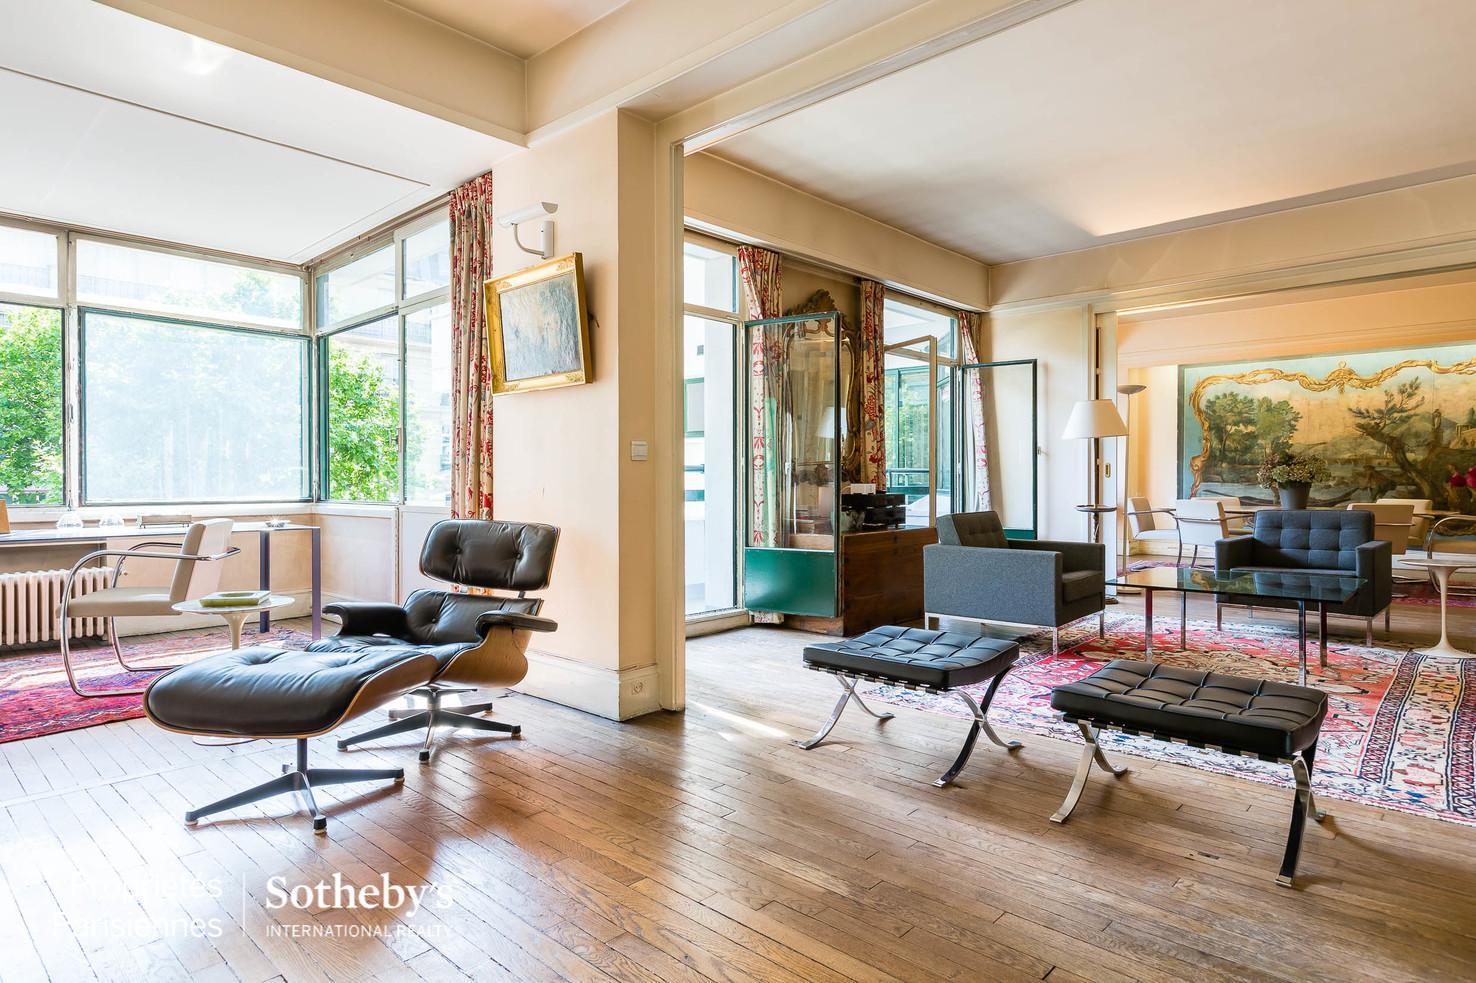 Apartamento por un Venta en Saint-Germain-des-Prés Boulevard Raspail Paris, Paris 75007 Francia